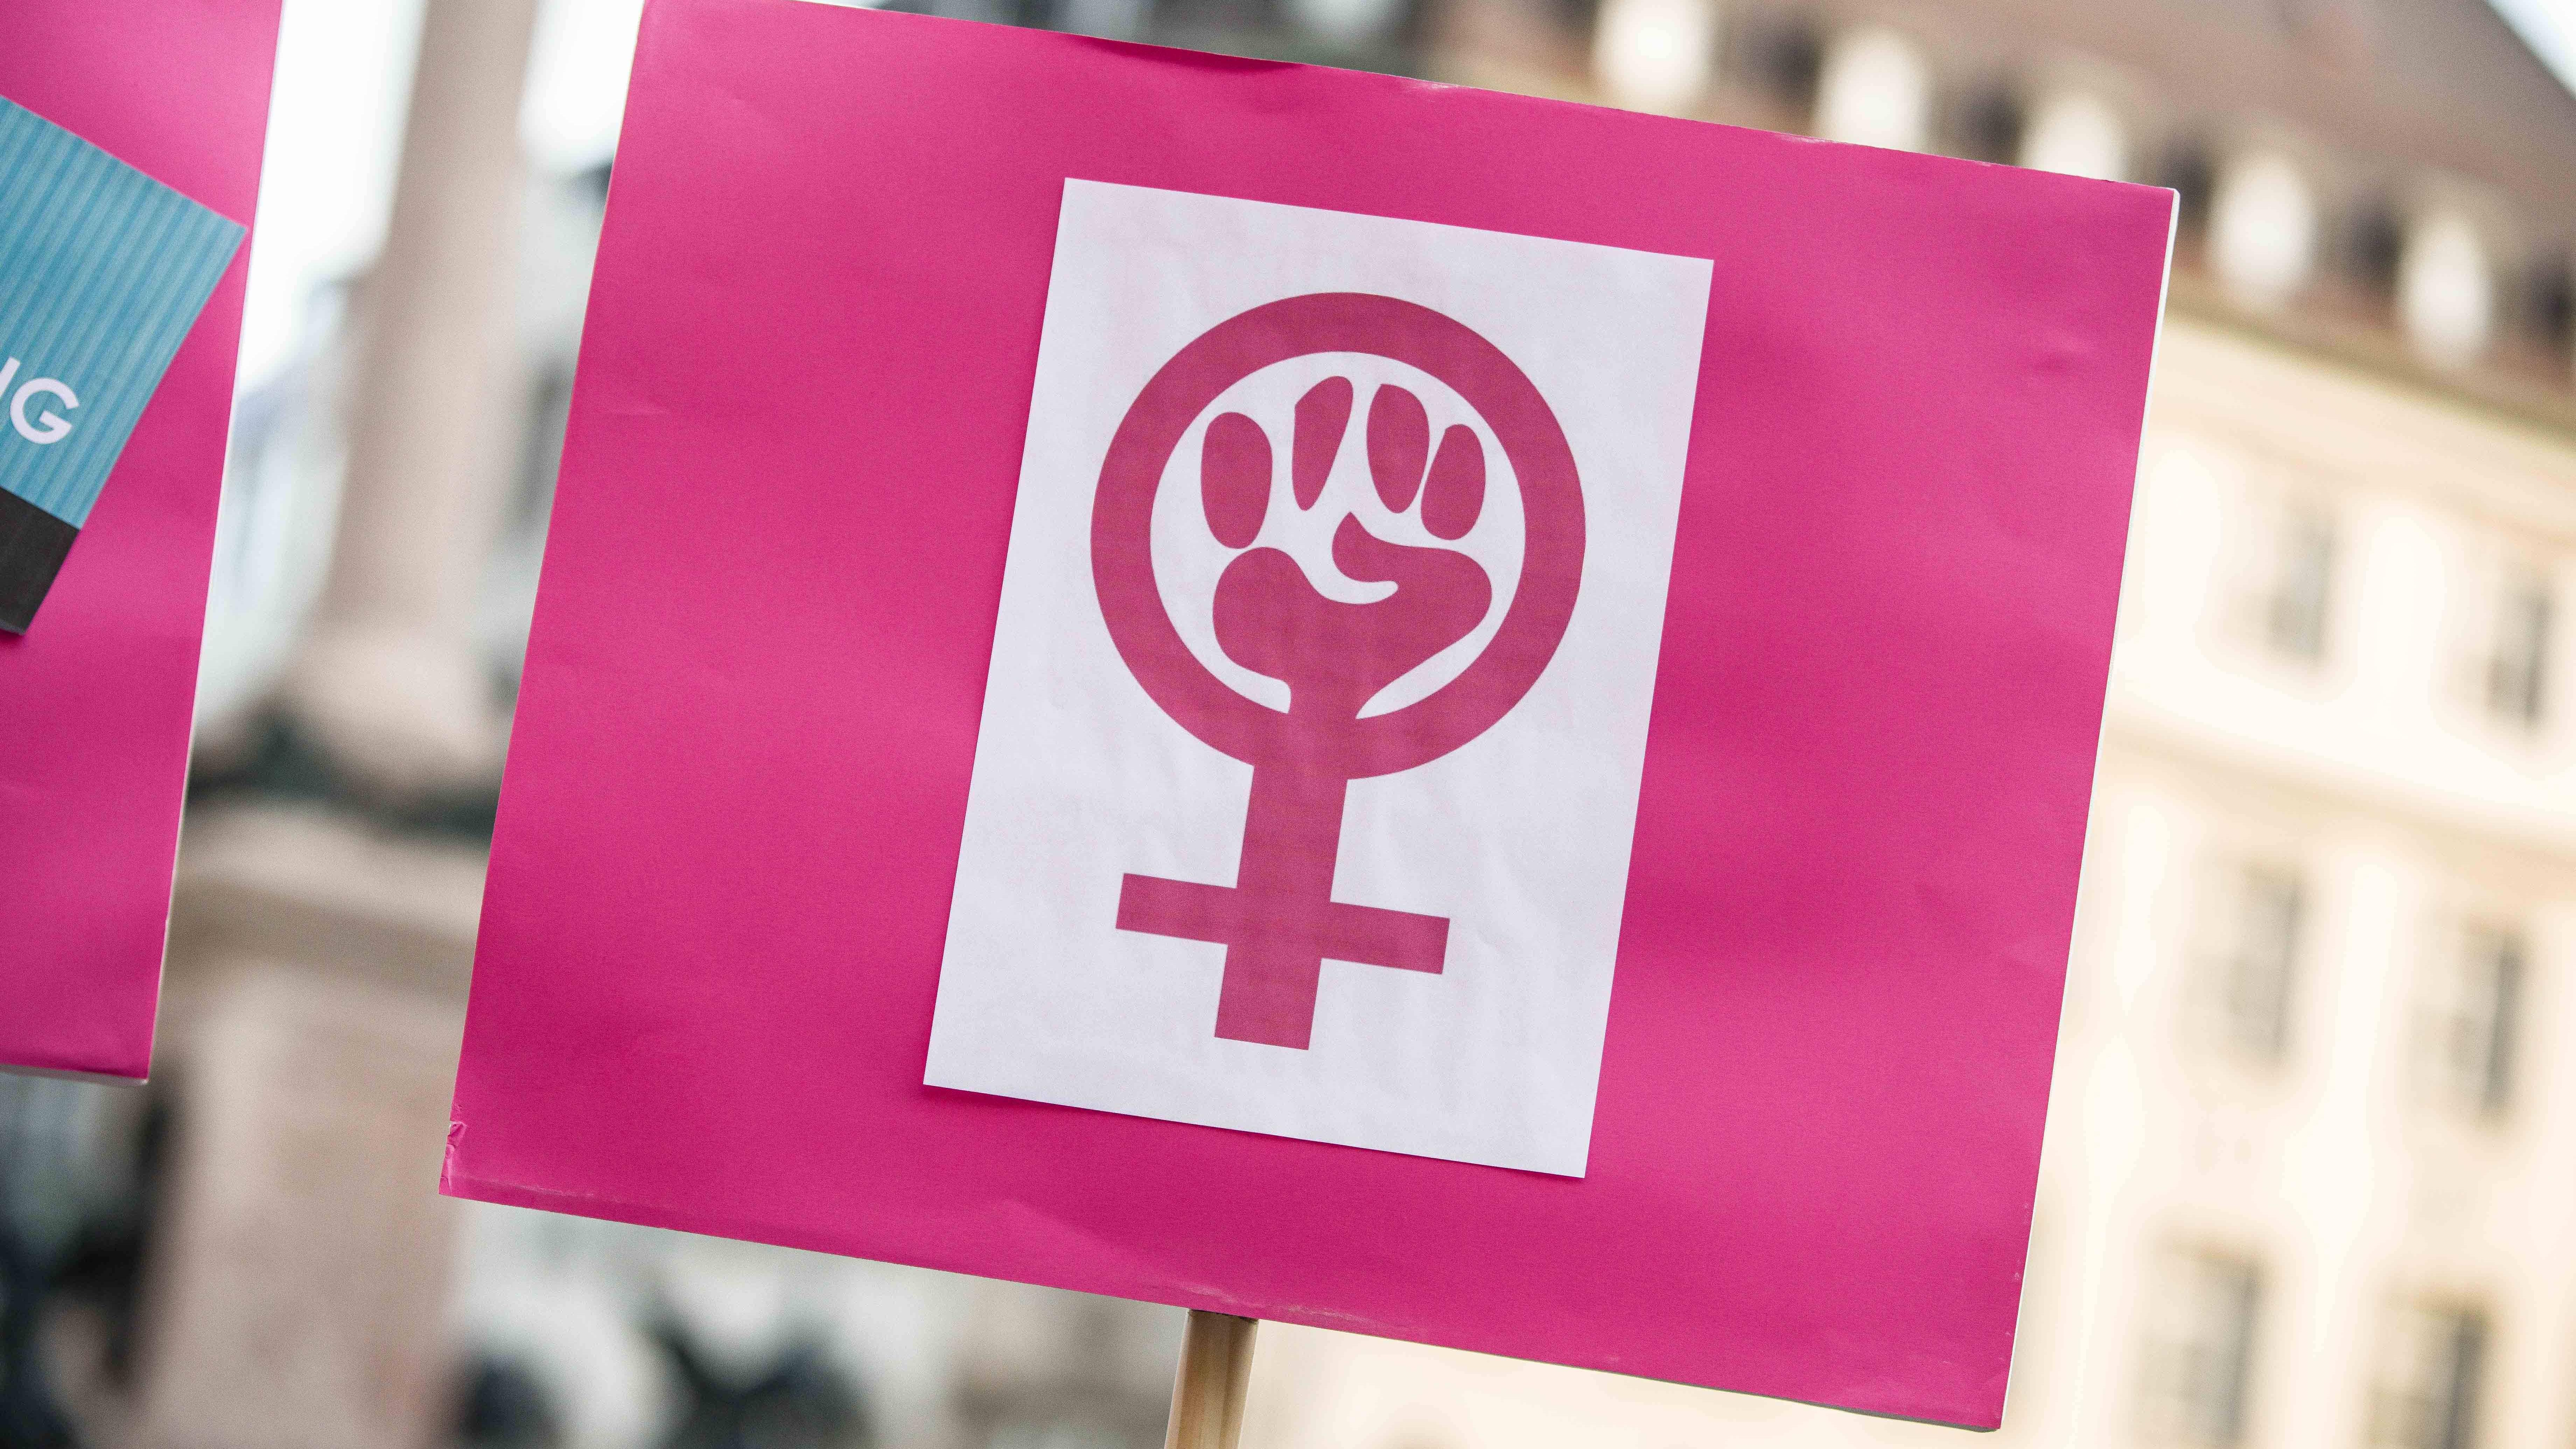 Am Weltfrauentag finden weltweit Veranstaltungen statt, um Frauen zu feiern.